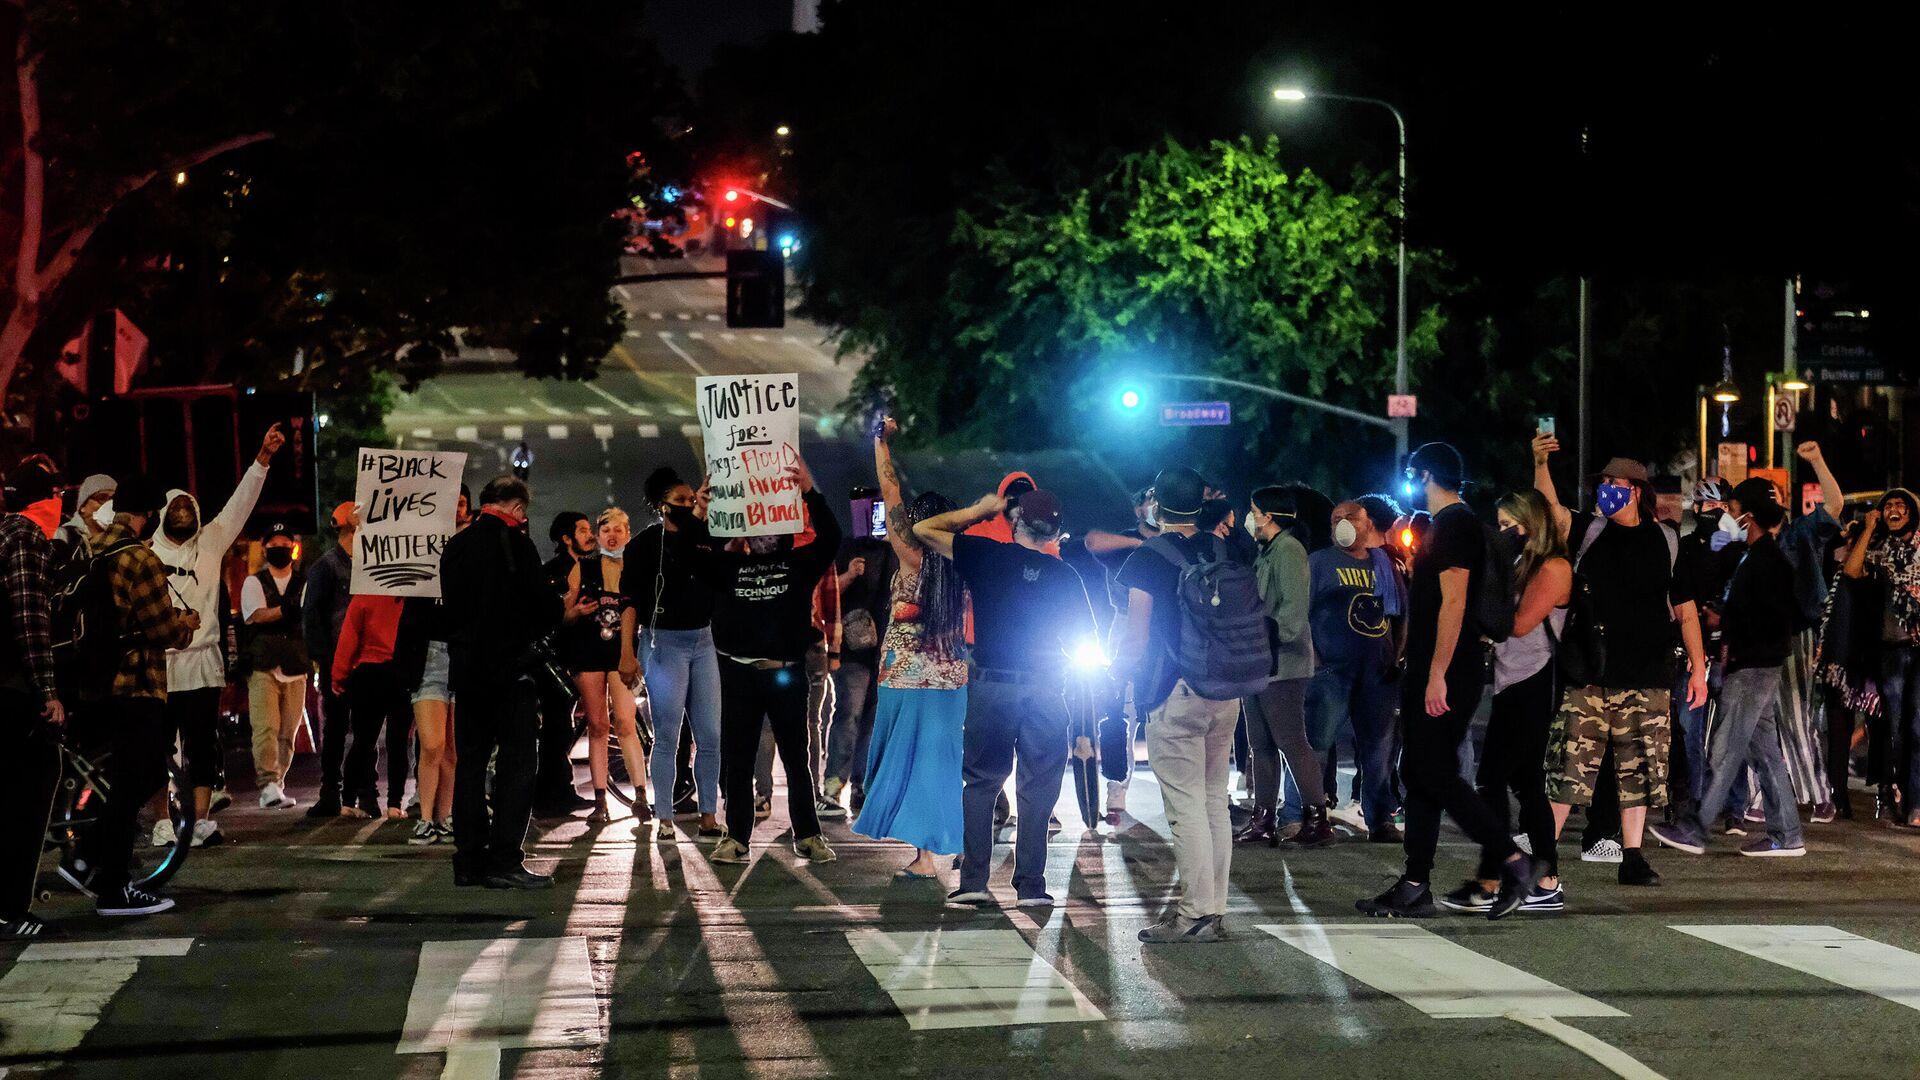 Демонстранты блокируют движение во время акции протеста связанной со смертью Джорджа Флойда - РИА Новости, 1920, 25.09.2020